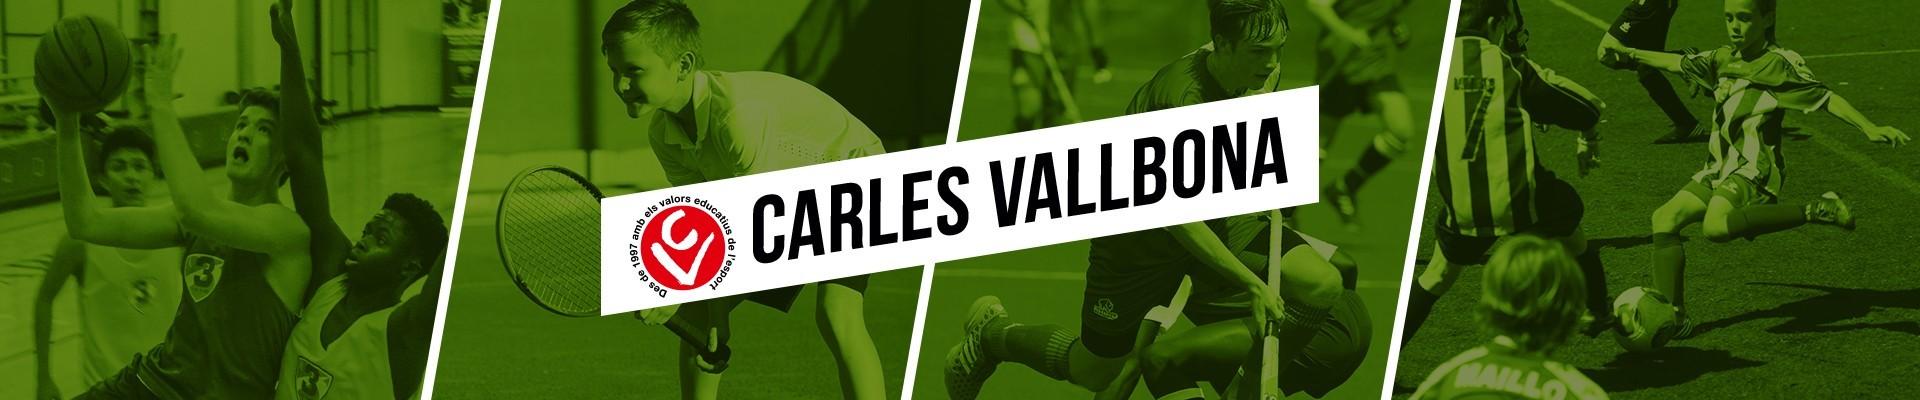 CV CARLES VALLBONA